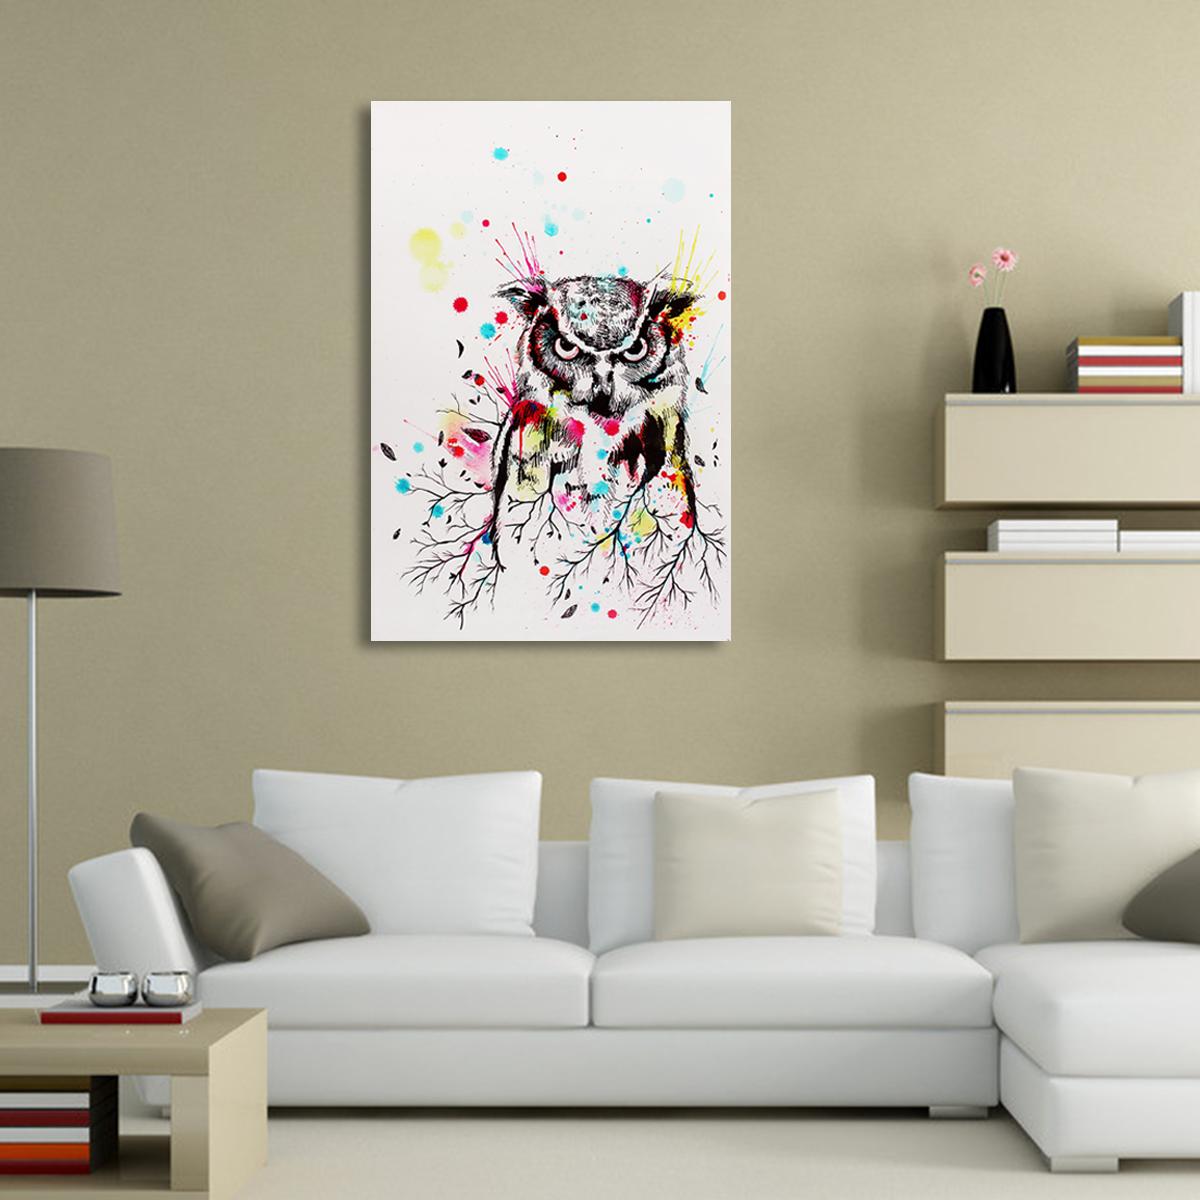 tableau peinture l 39 huile toile chouette art moderne d cor mural salon chambre achat vente. Black Bedroom Furniture Sets. Home Design Ideas